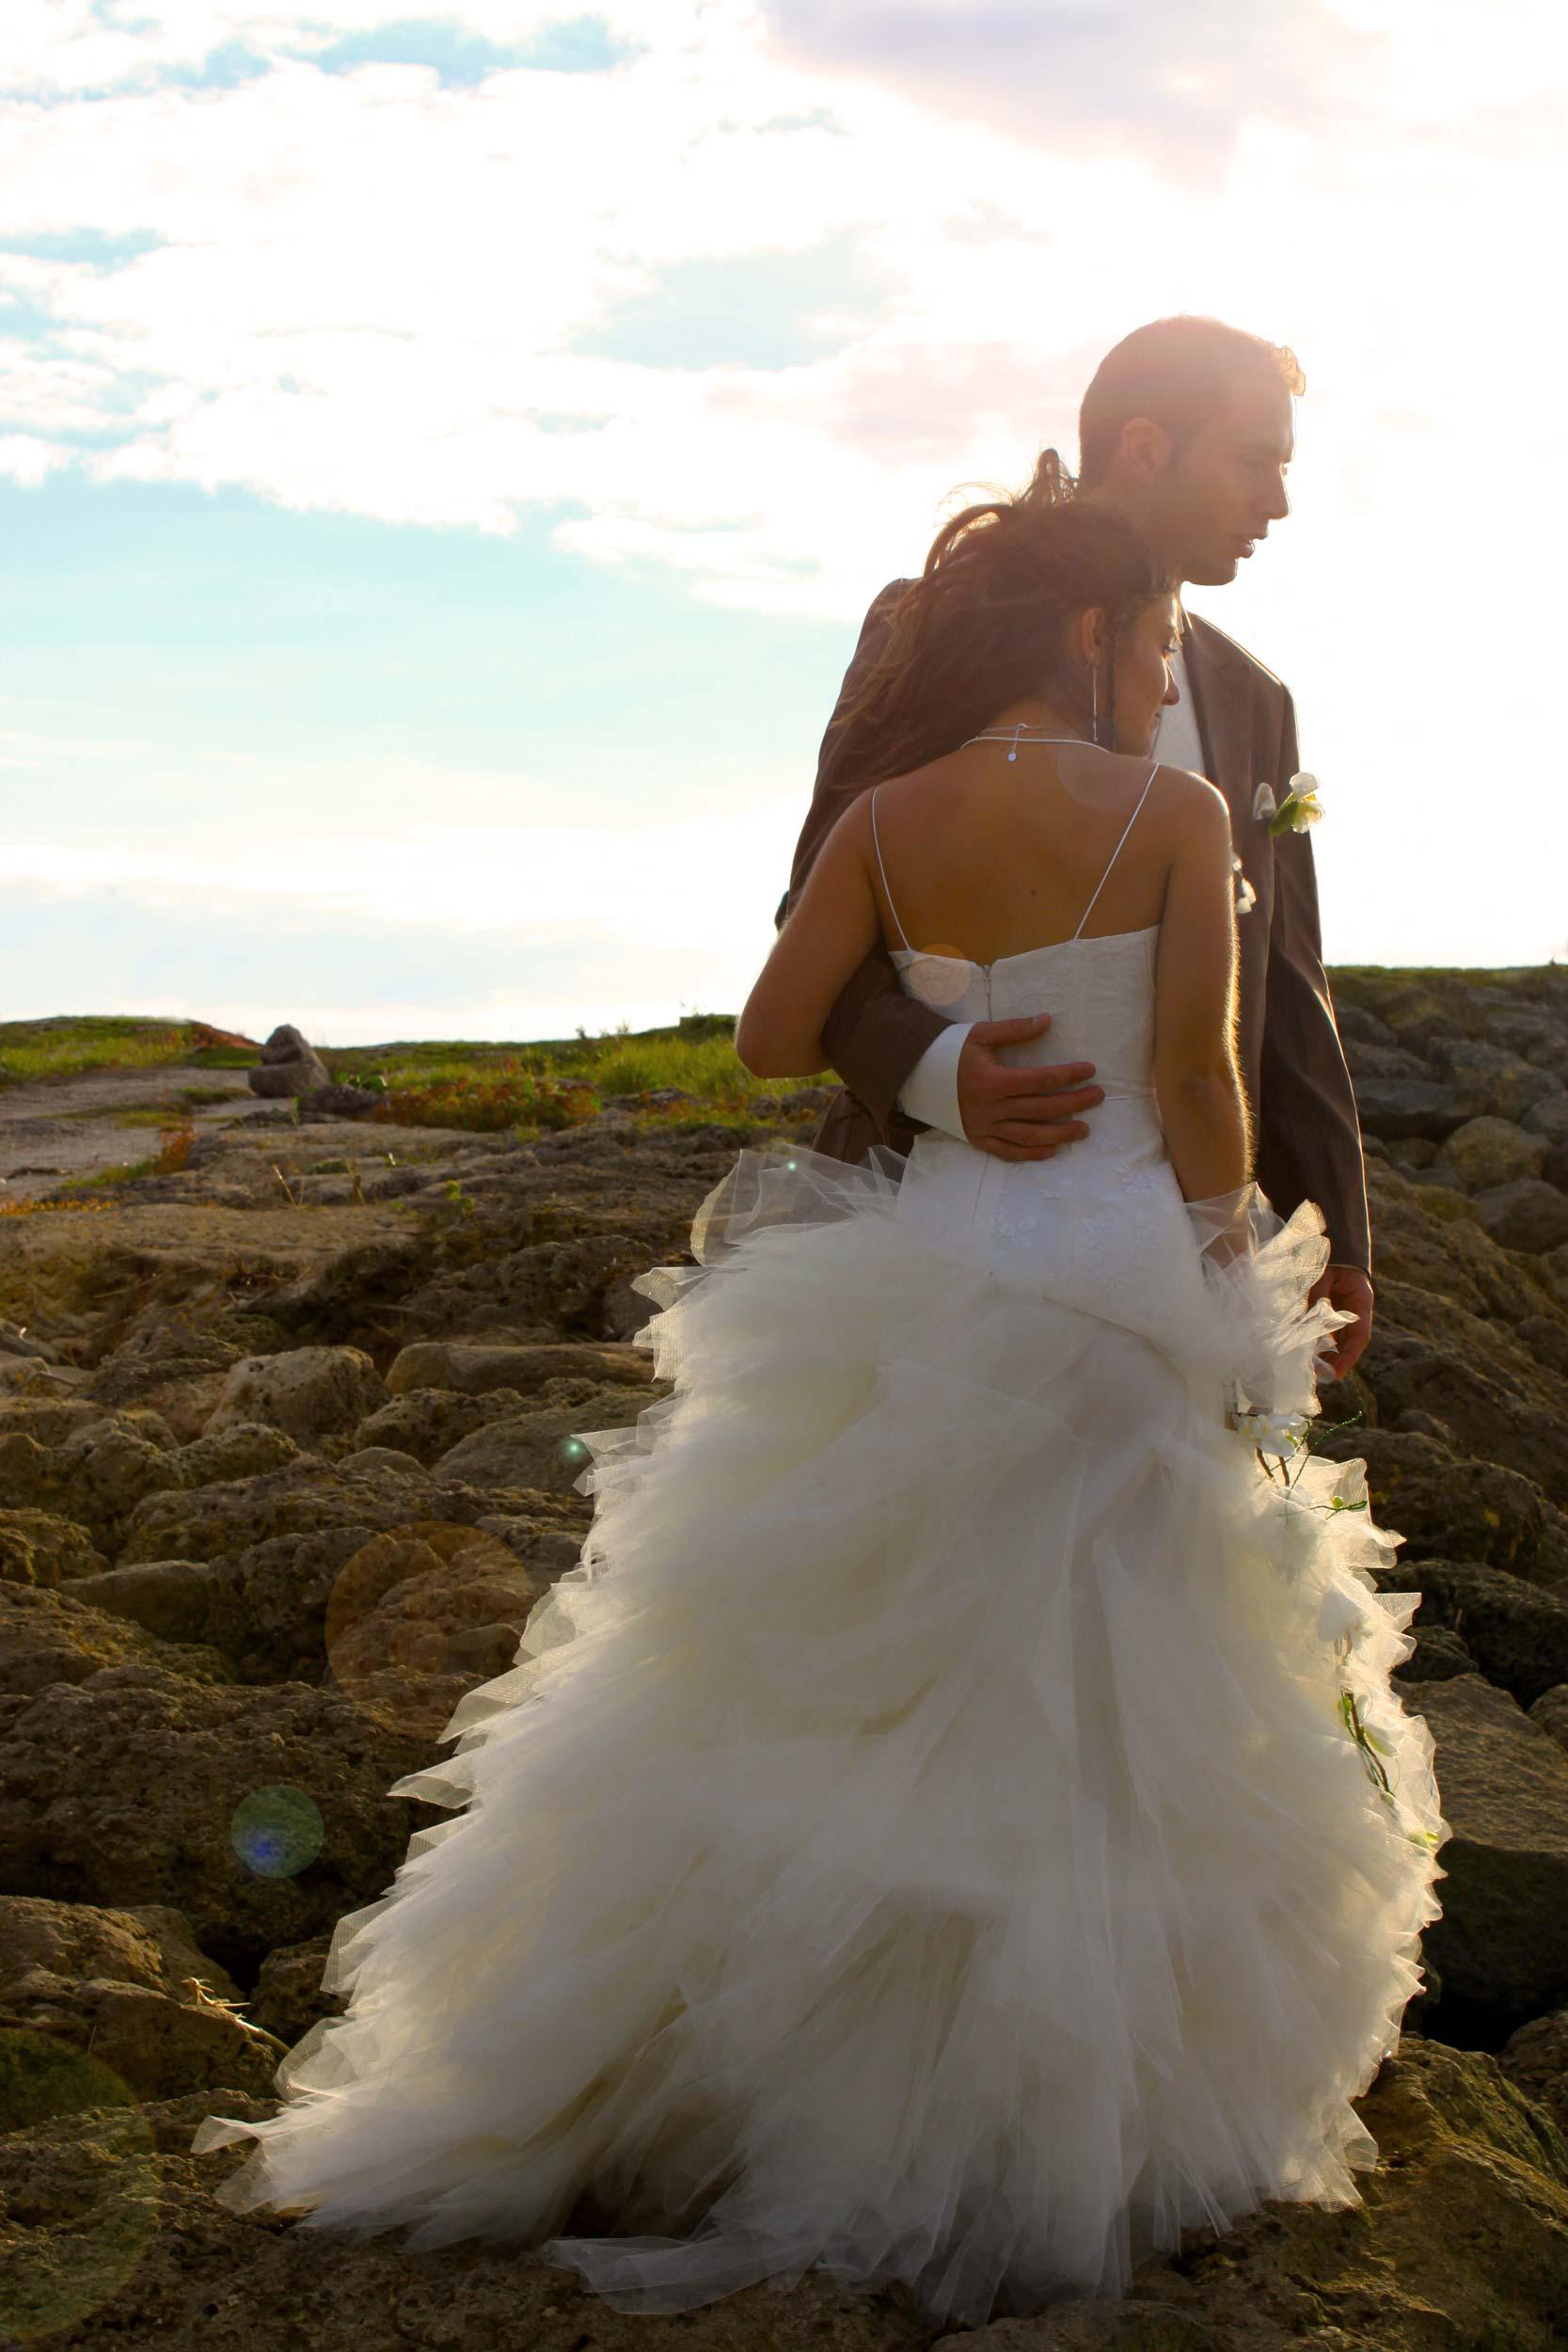 lifestyle photographe mariage anglet - 11